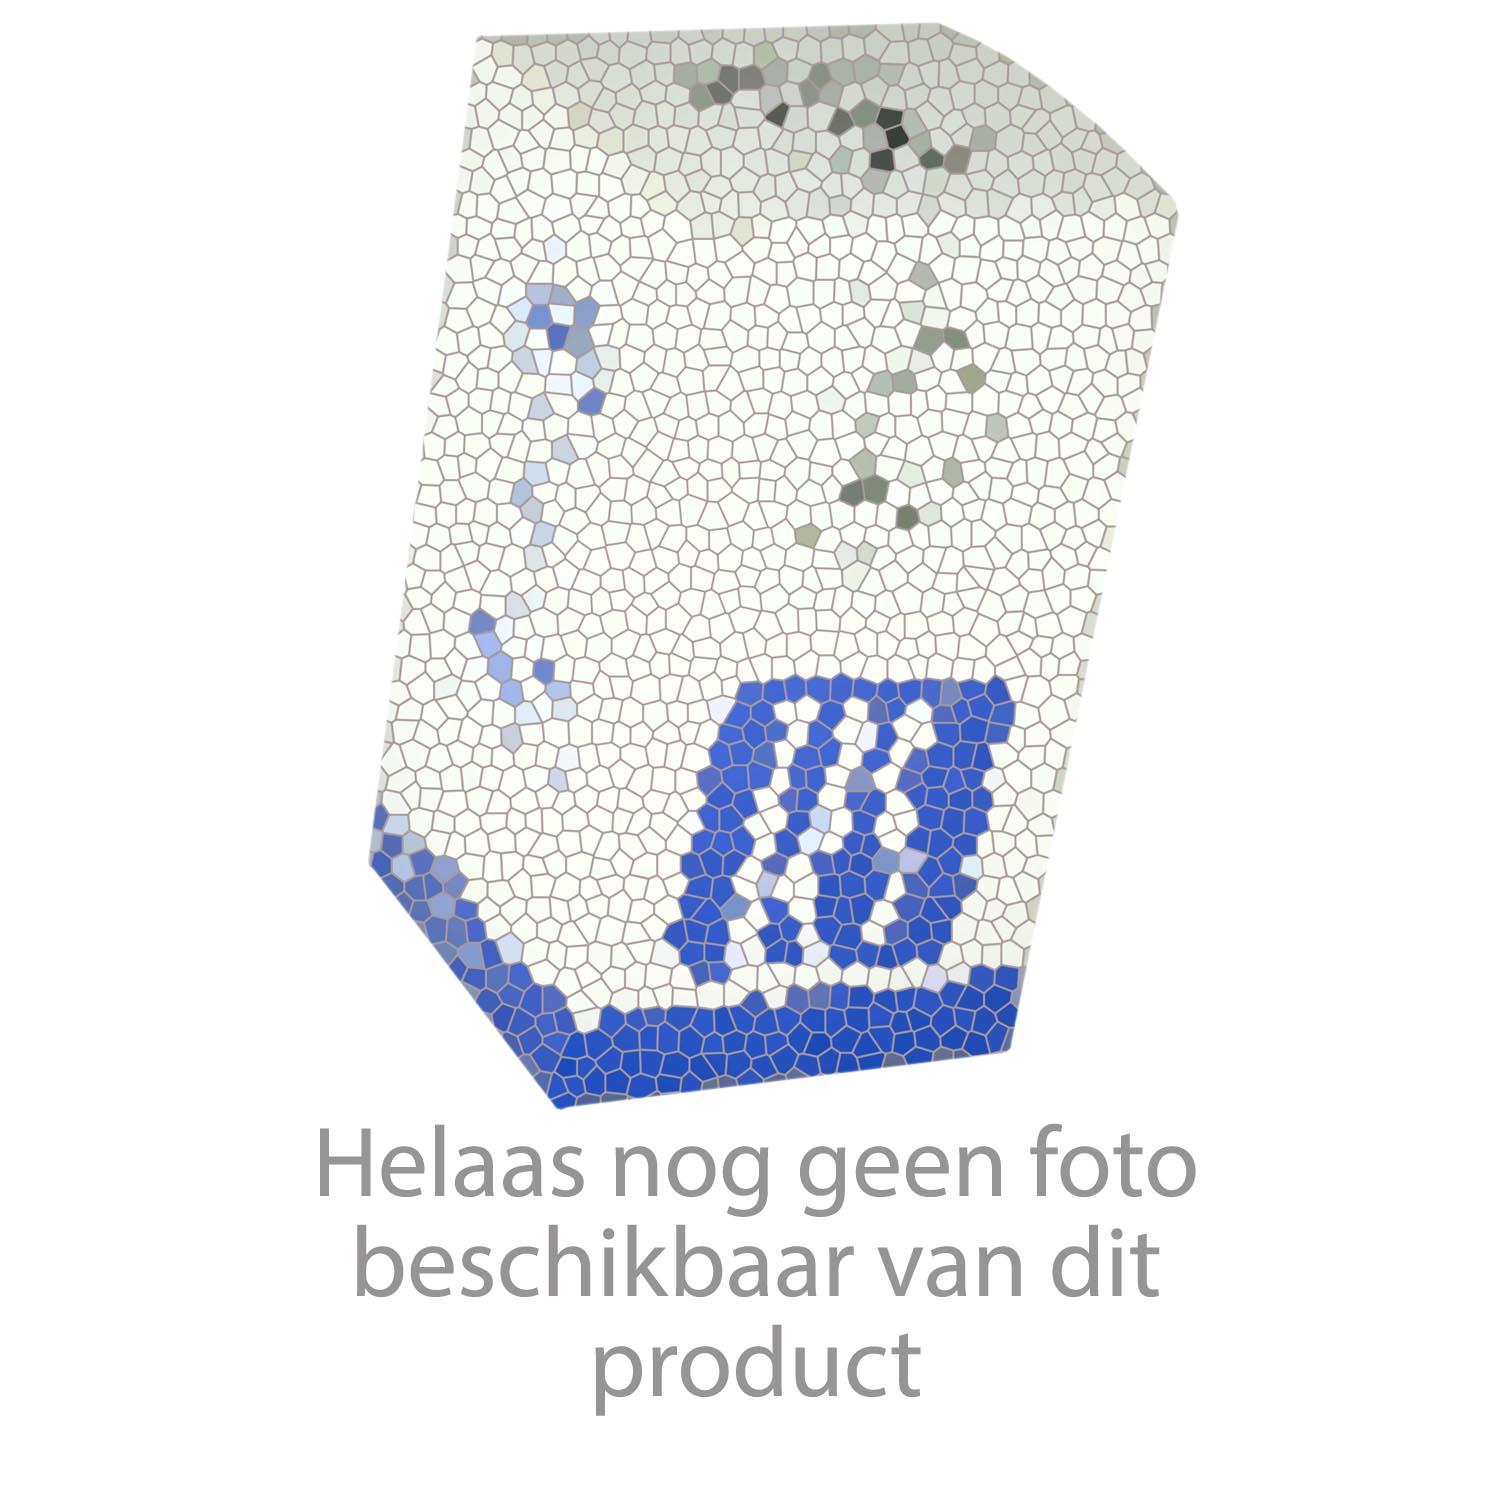 HansGrohe Keukenmengkranen Allegra Variarc productiejaar > 05/02 14875000 onderdelen